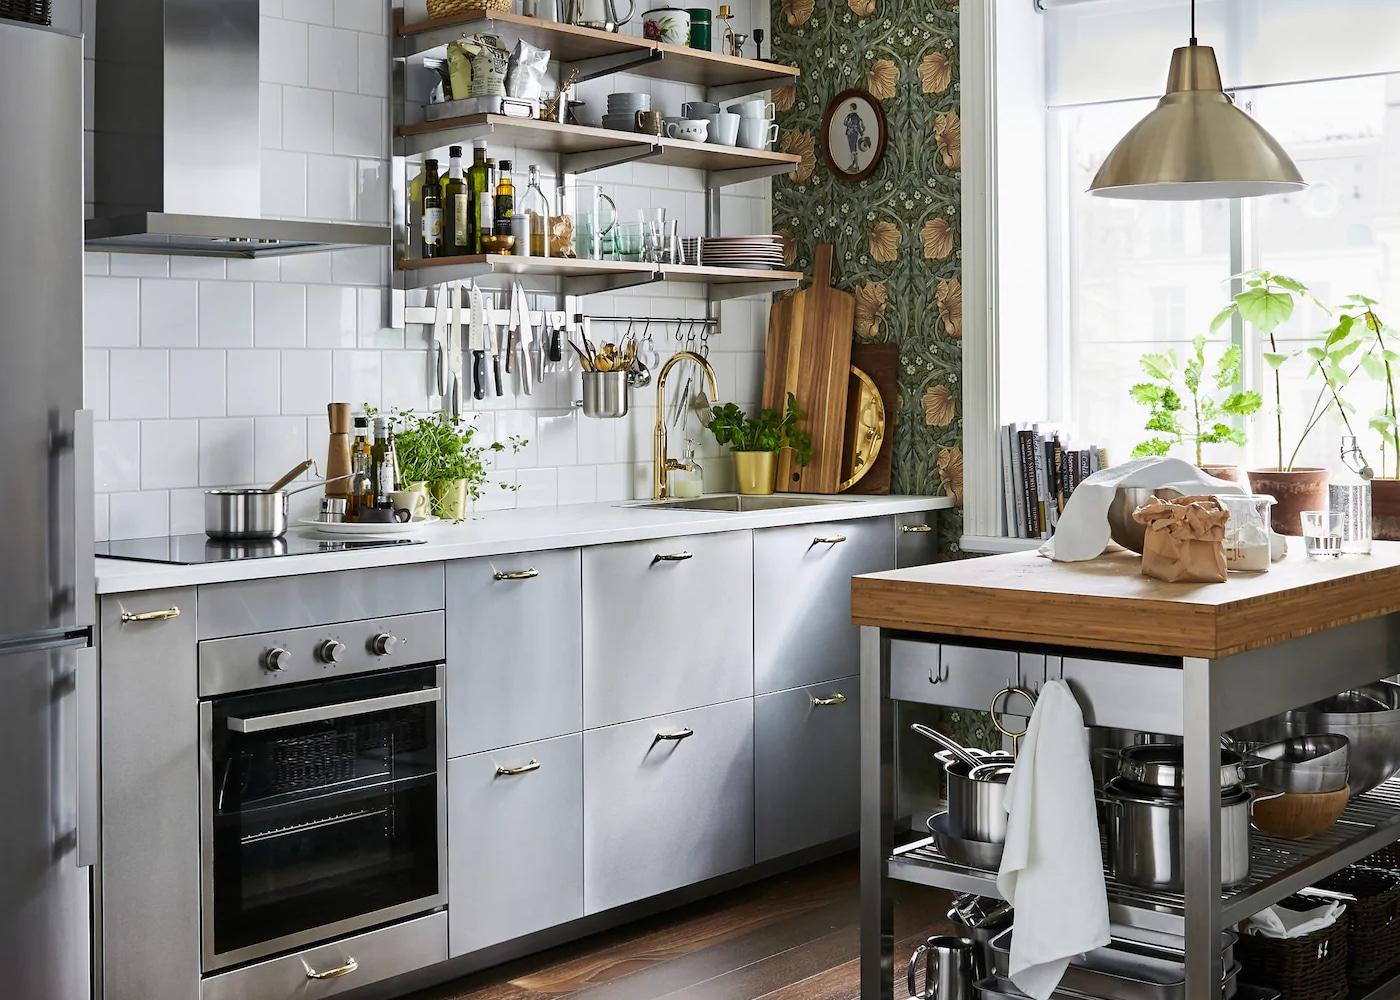 Full Size of Ikea Edelstahlküche Sofa Mit Schlaffunktion Betten Bei Modulküche Küche Kosten Kaufen Miniküche Gebraucht 160x200 Wohnzimmer Ikea Edelstahlküche